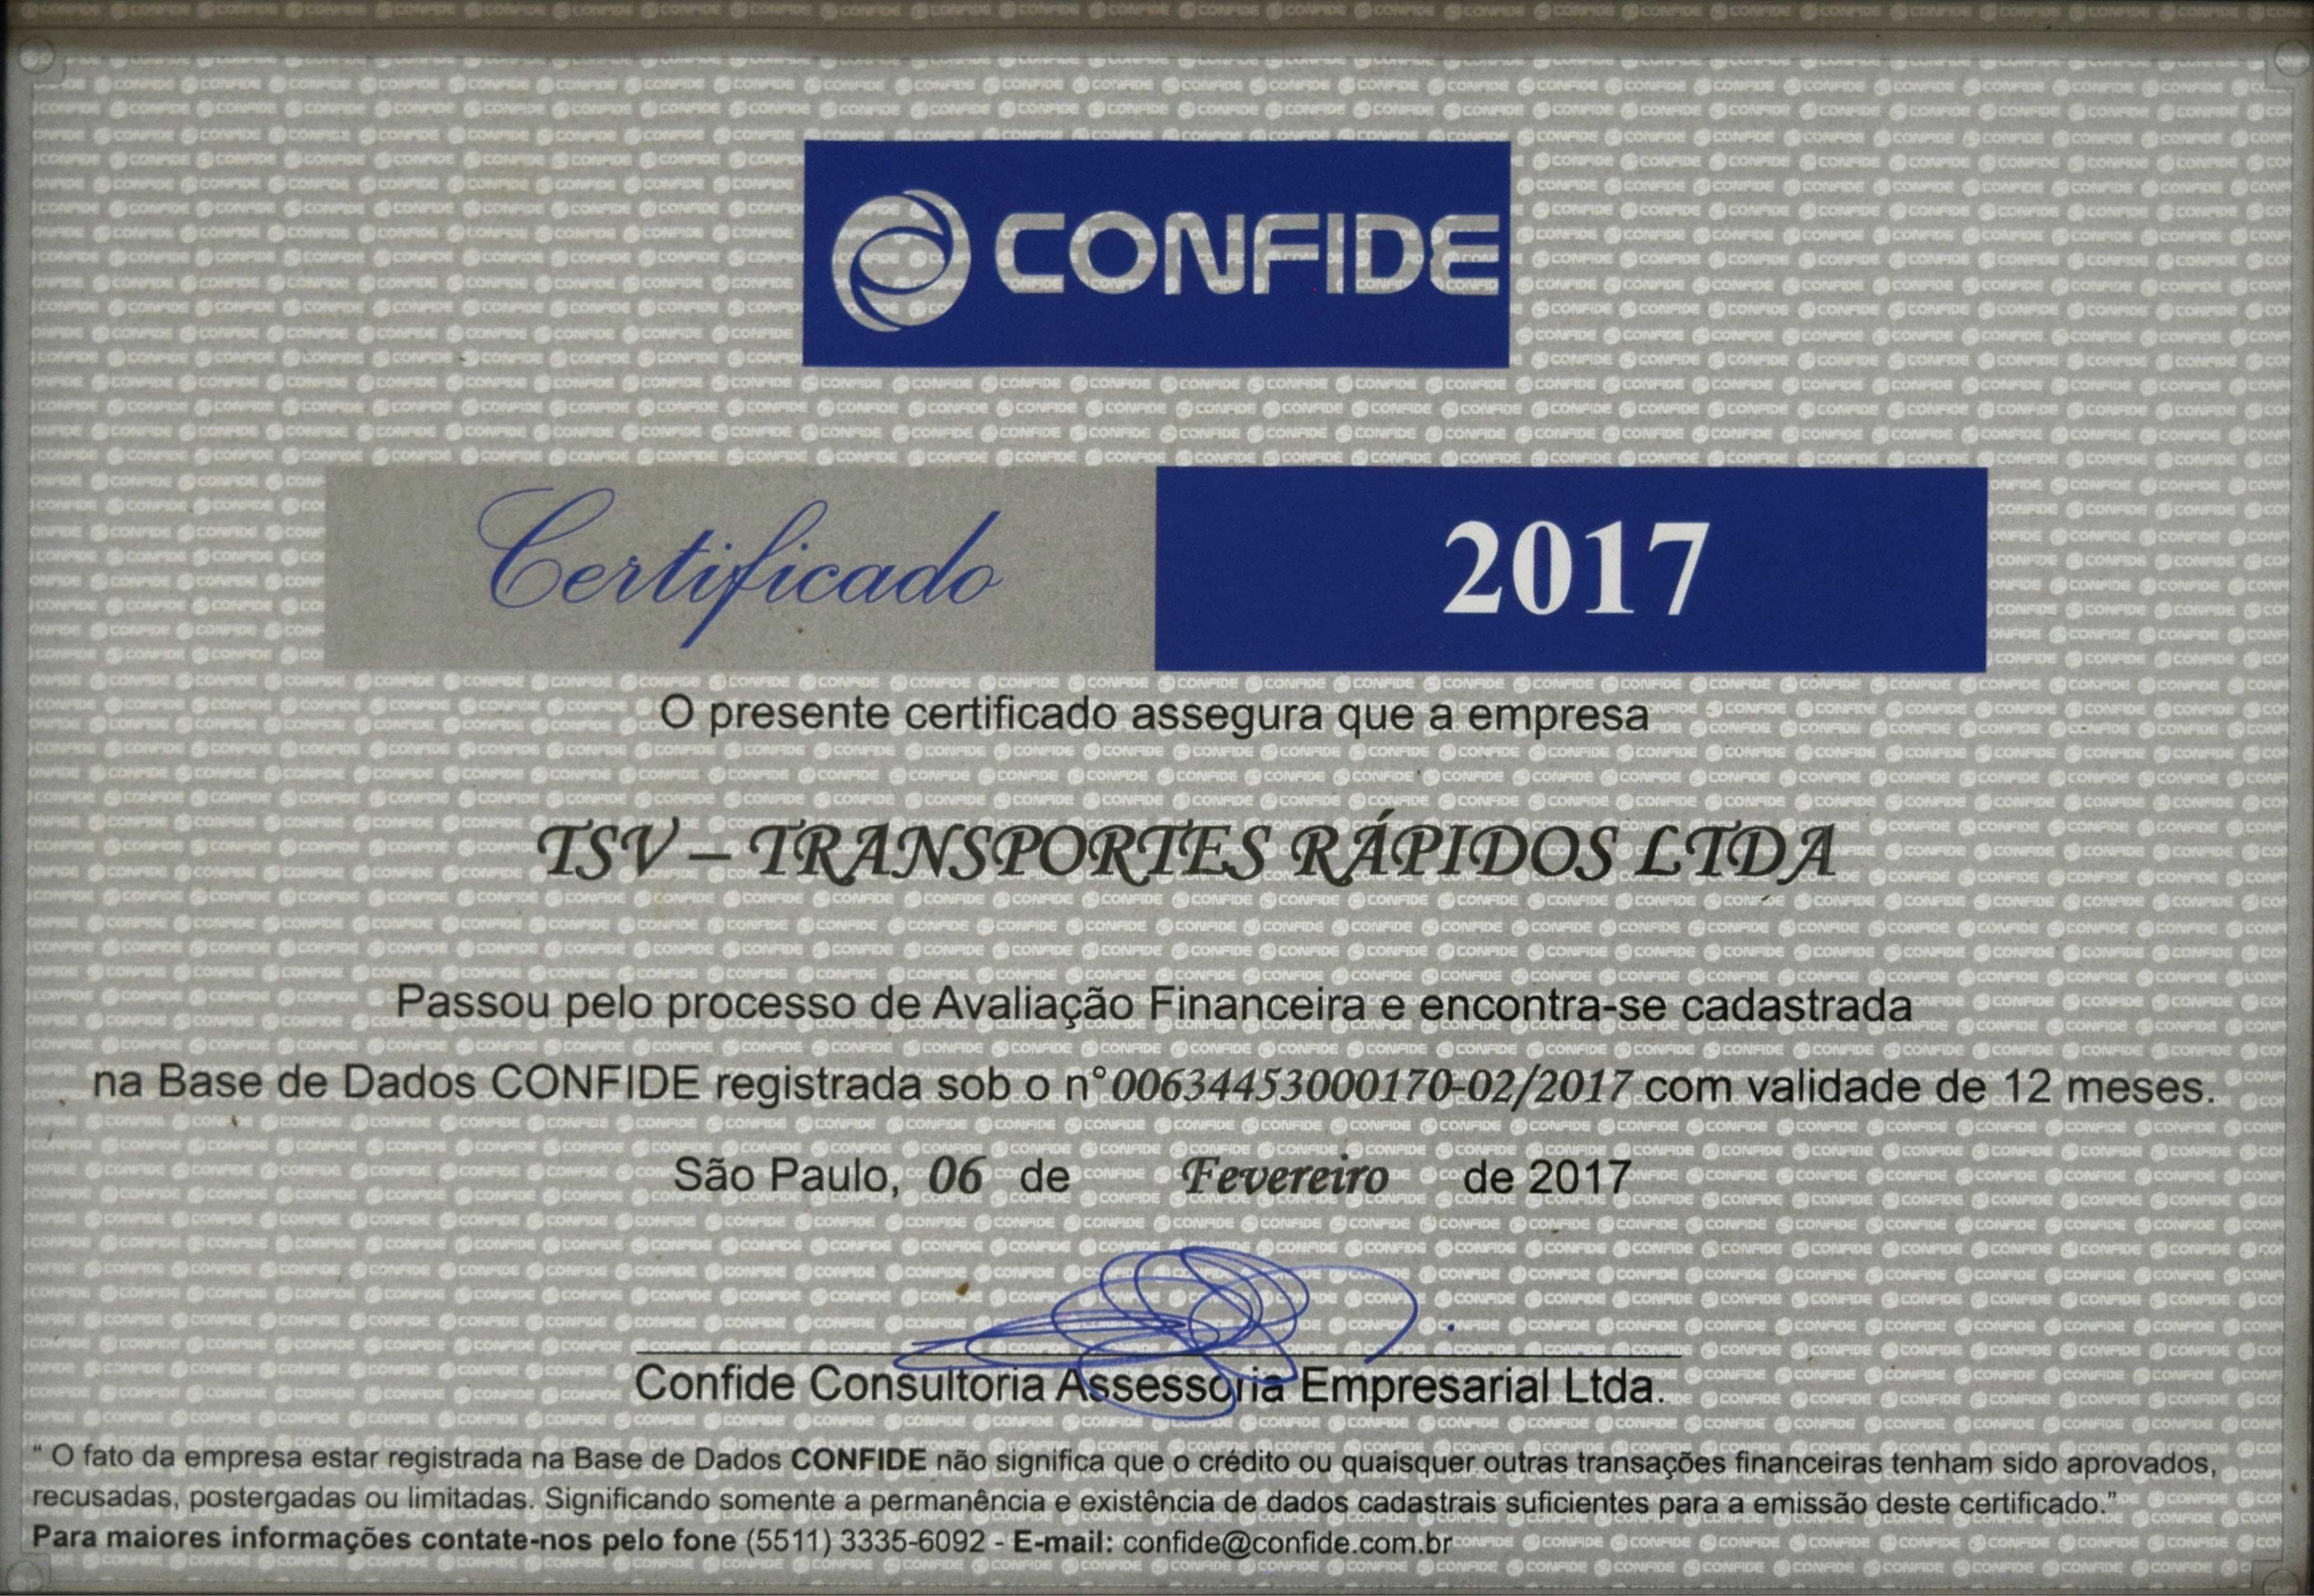 http://www.tsvtransportes.com.br/wp-content/uploads/2018/09/DSC_0158.jpg